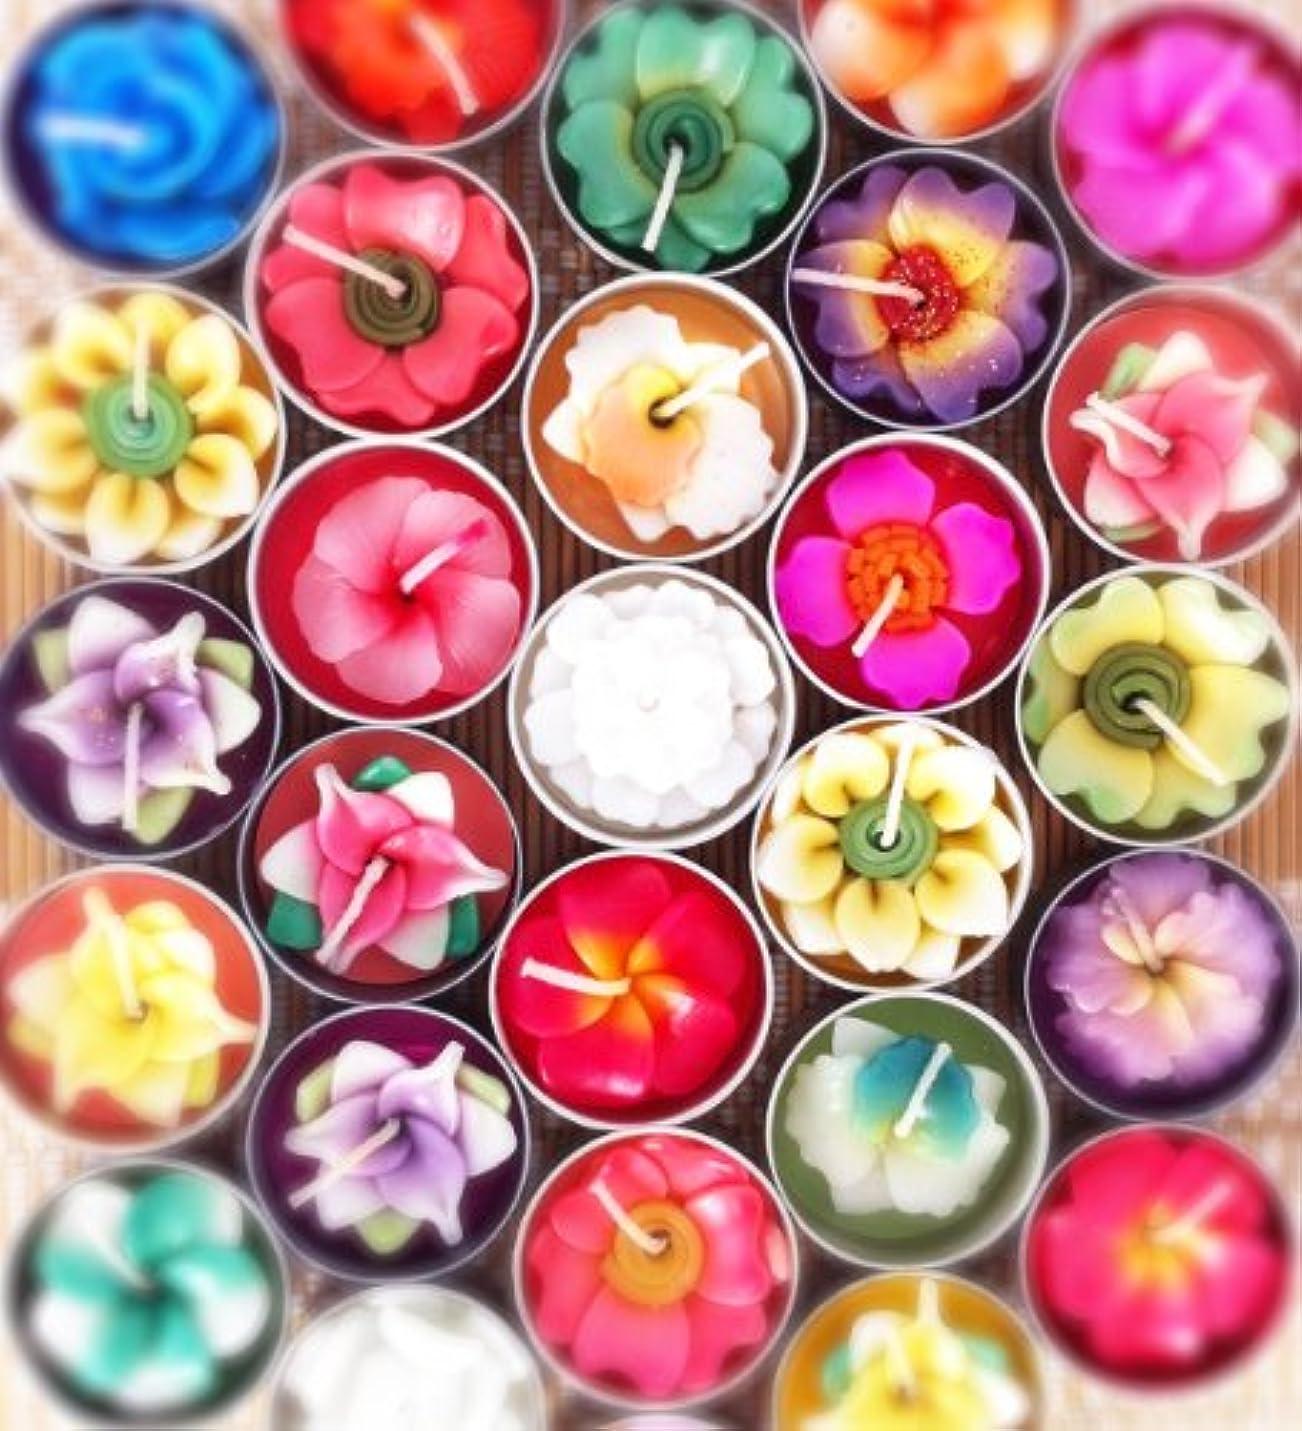 スコア狭い決定的Tiddin Design【キャンドル】フラワーキャンドル/ティーライトキャンドル/ろうそく/花の香り/Flower Candle (10個入りお徳用パック)